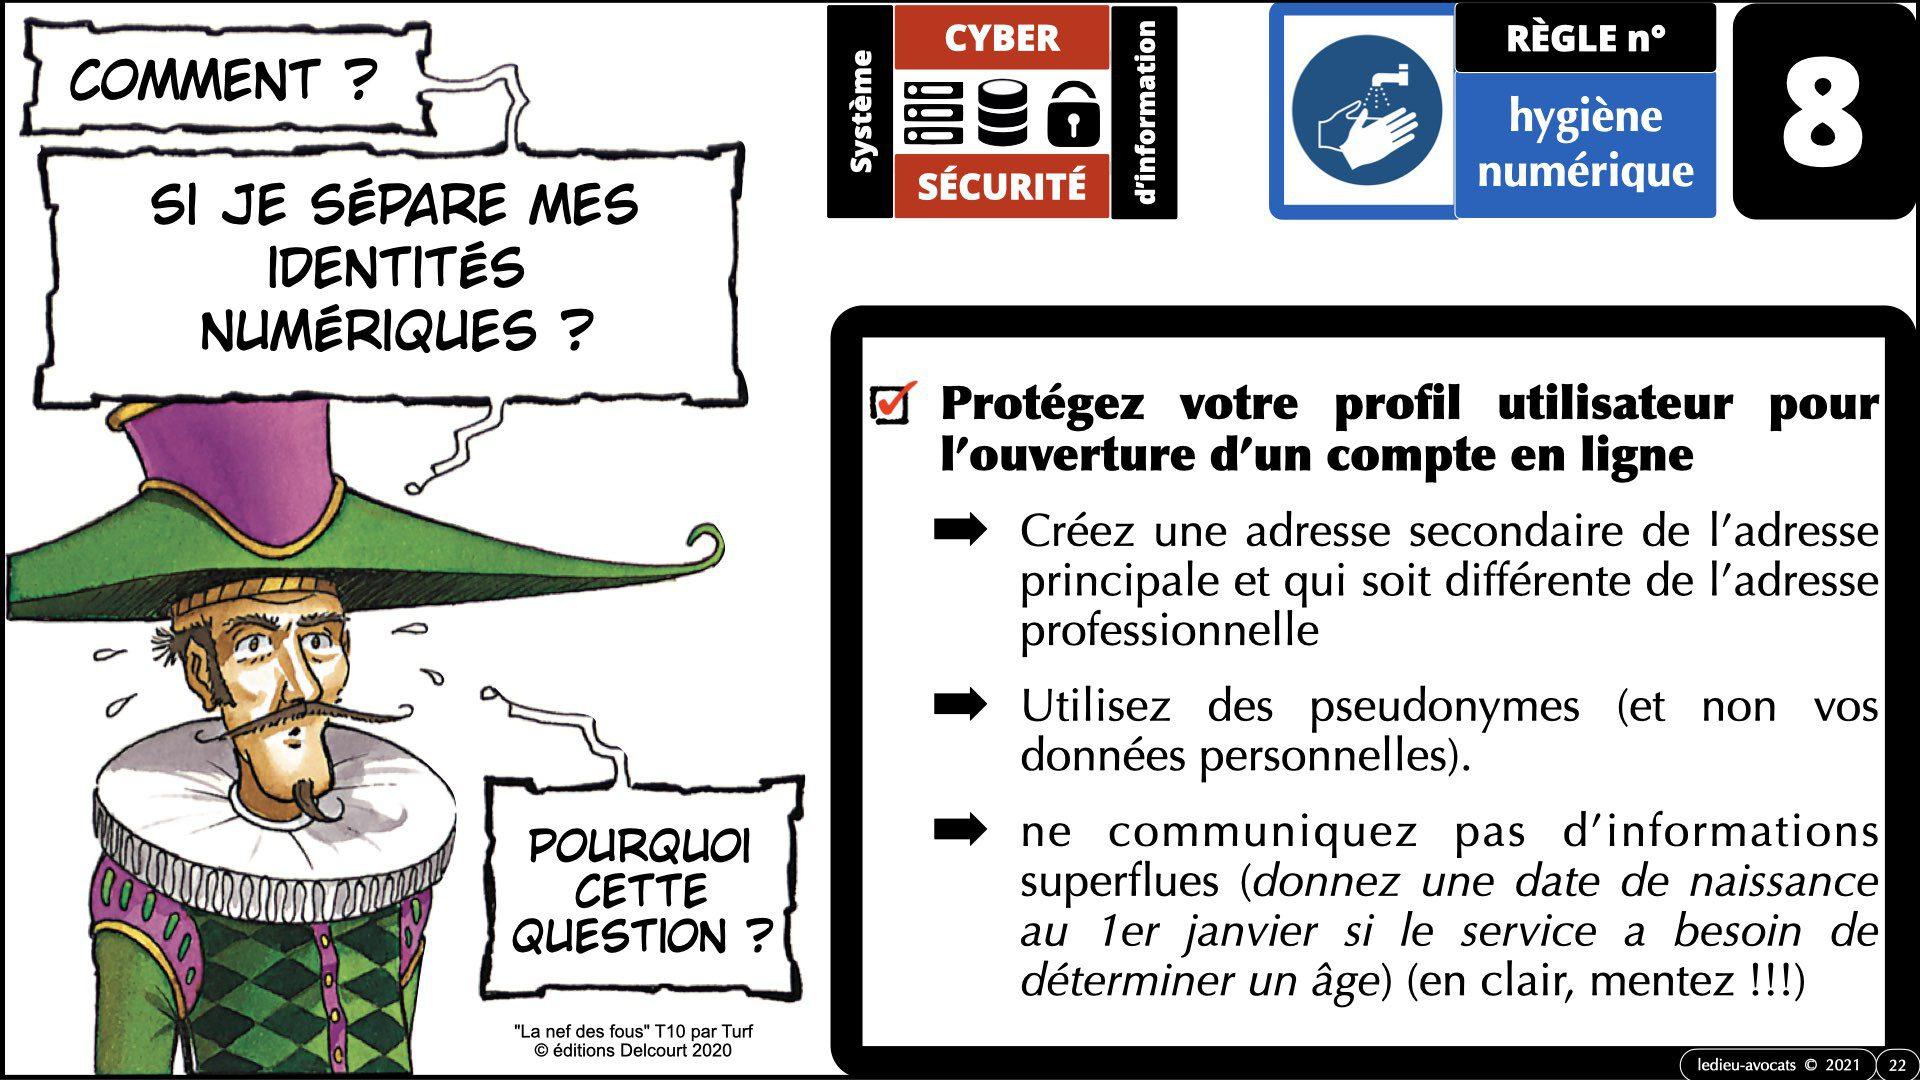 345 10 commandements hygiène numérique © Ledieu-Avocats technique droit numérique 07-09-2021.022